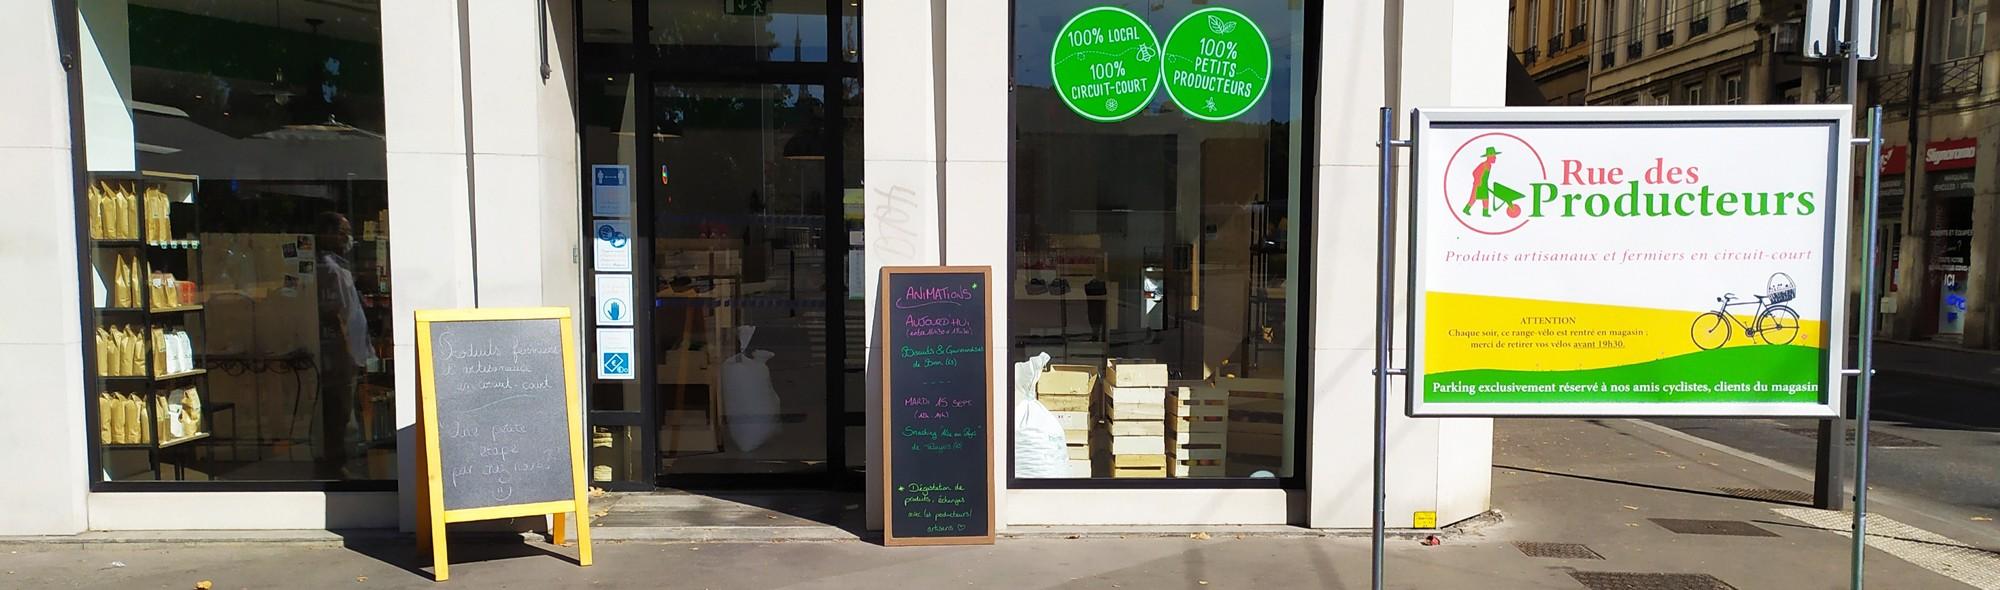 Nouveau magasin Rue des Producteurs